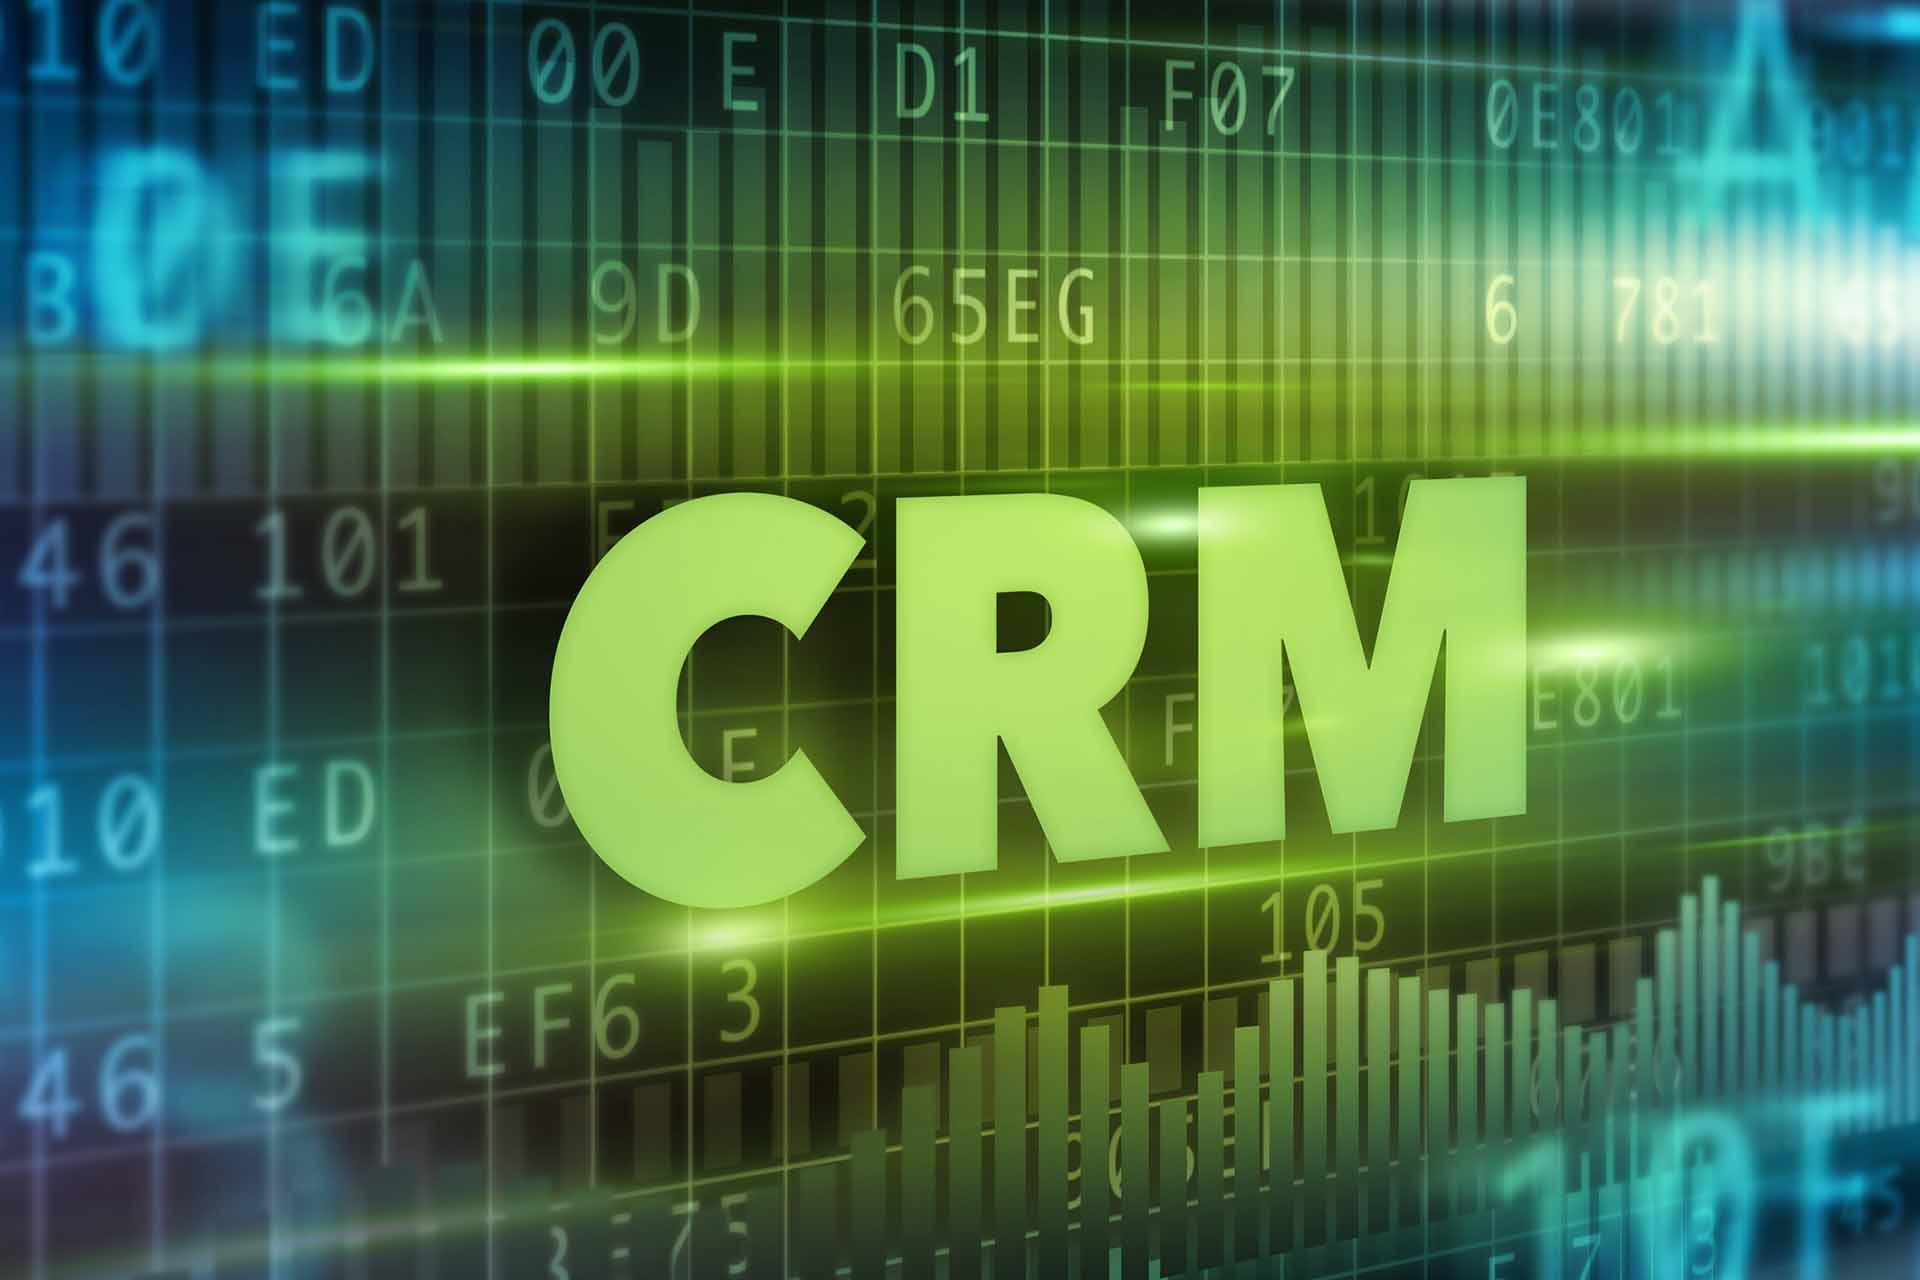 Бесплатный вебинар: Как добиться качественного внедрения CRM? Опыт проектов AmoCRM и Битрикс24